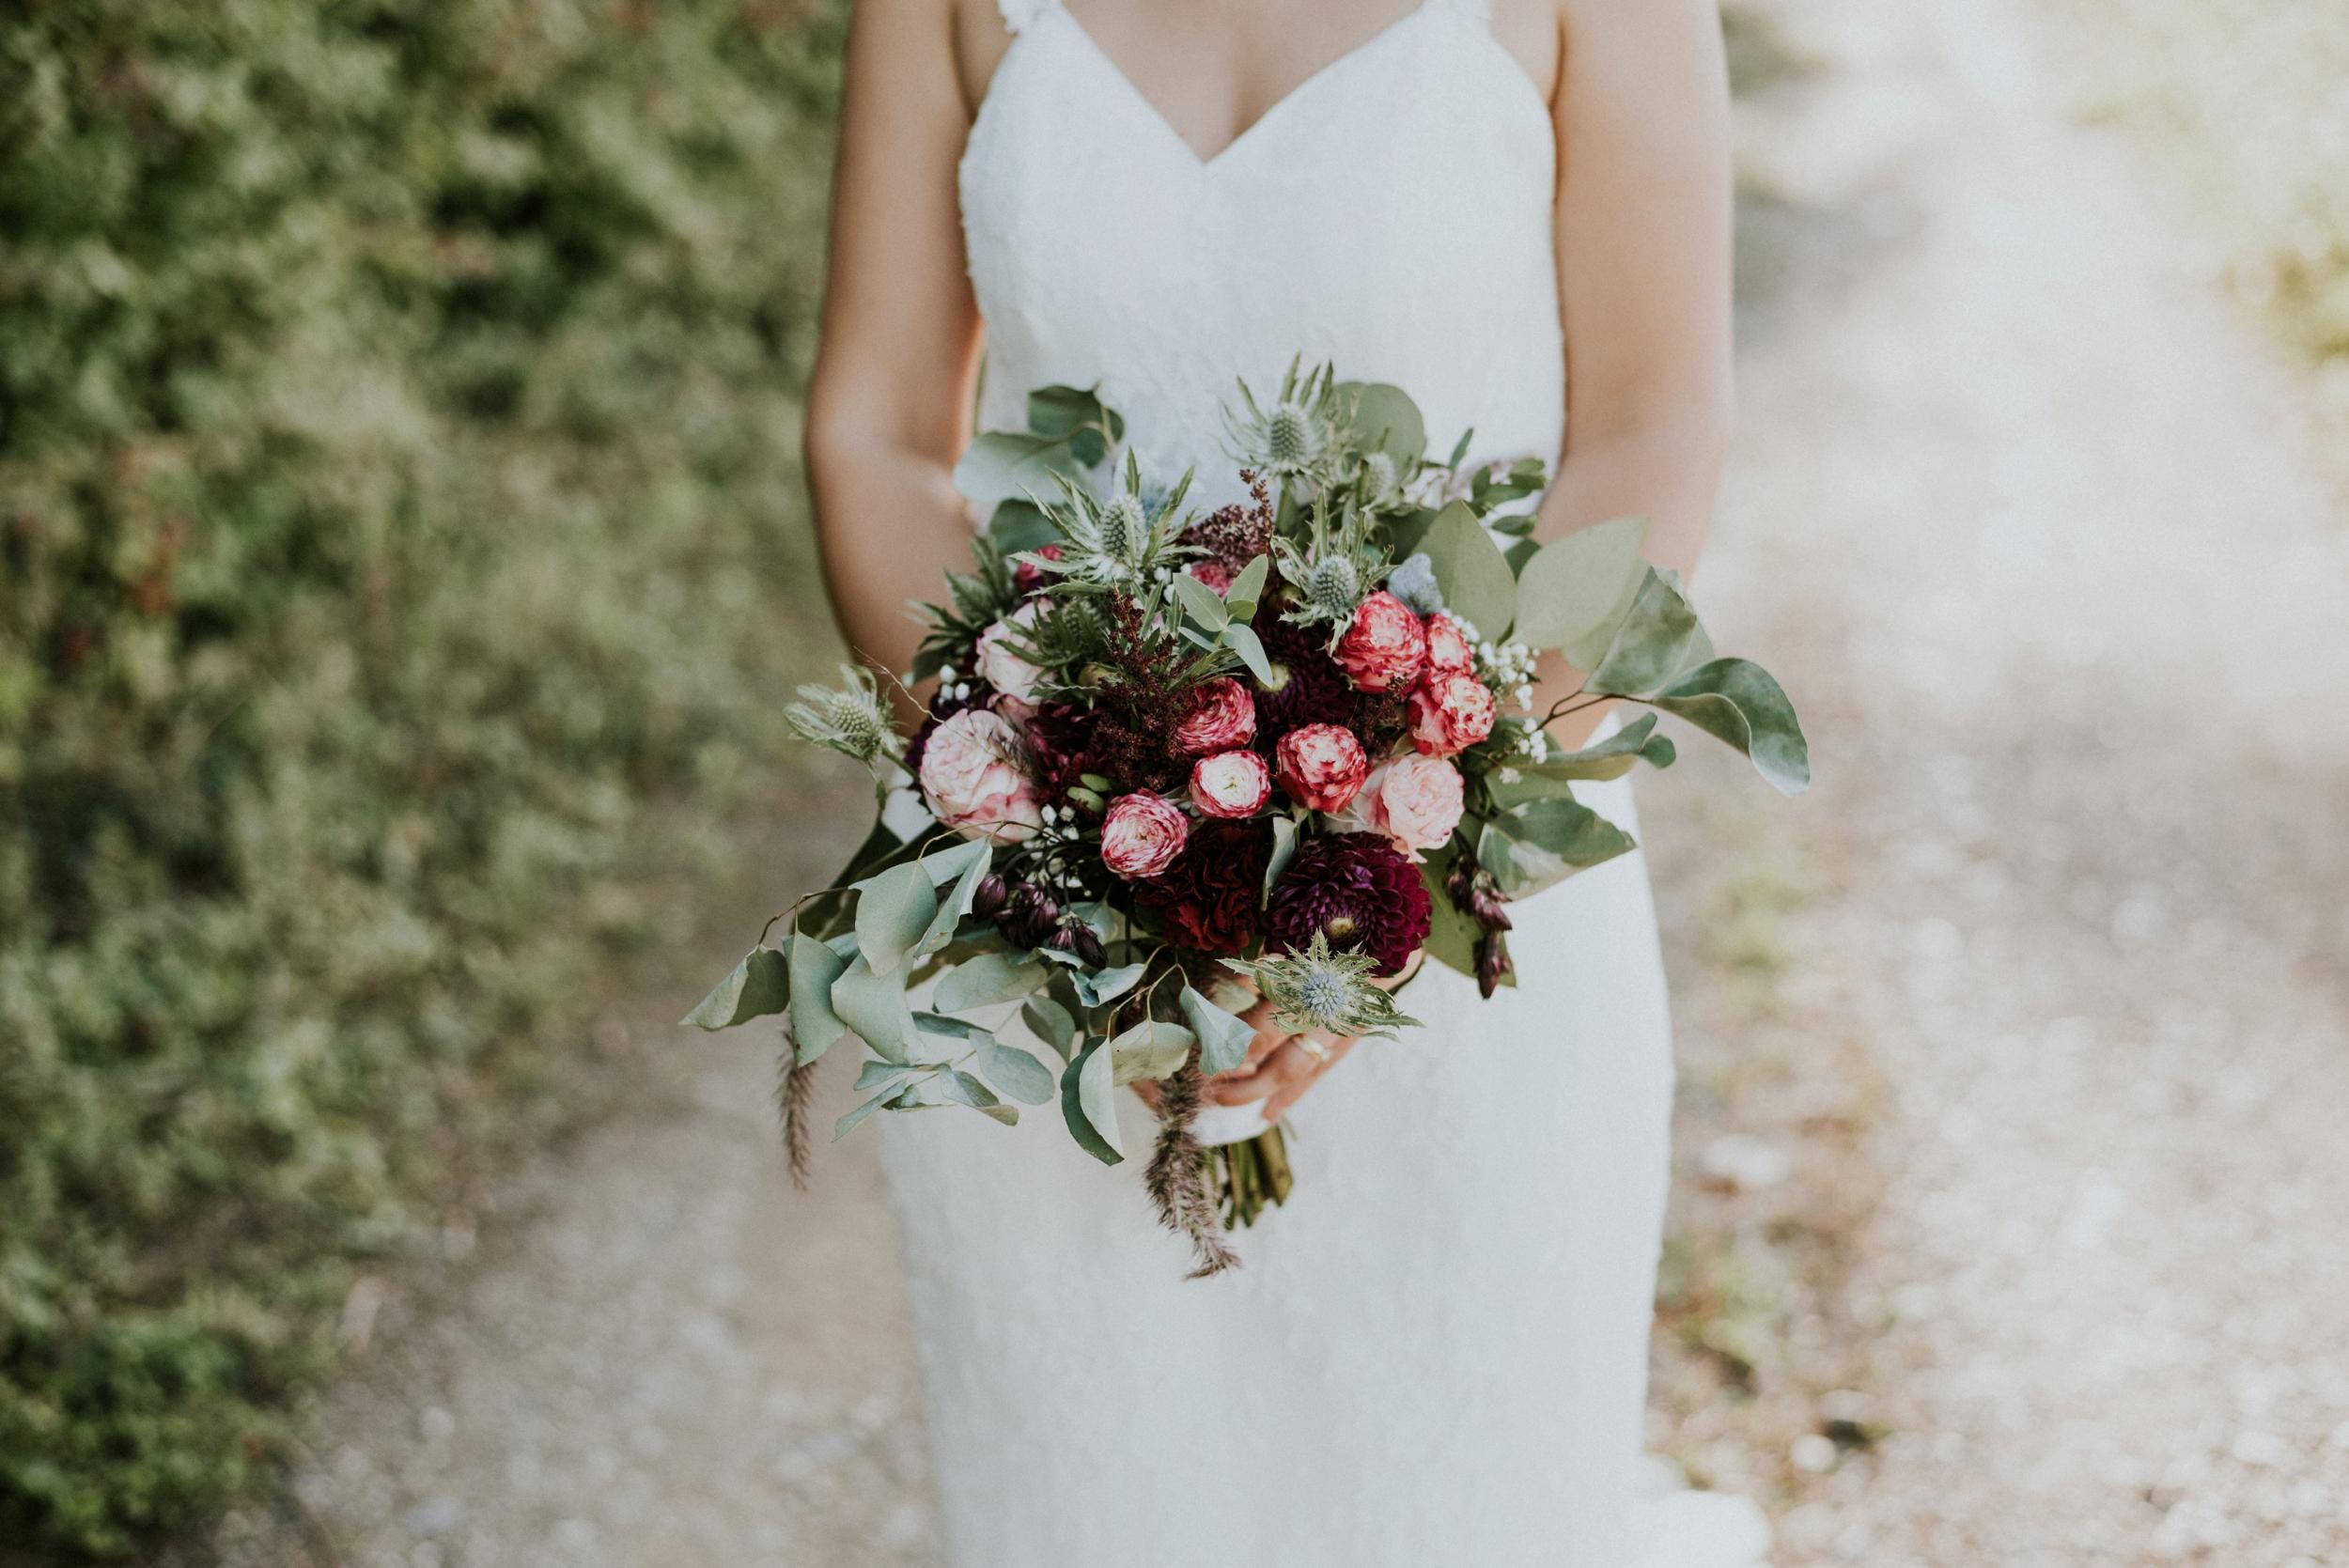 photographe mariage rhone alpes grenoble lyon annecy geneve montagne ceremonie laique_0023